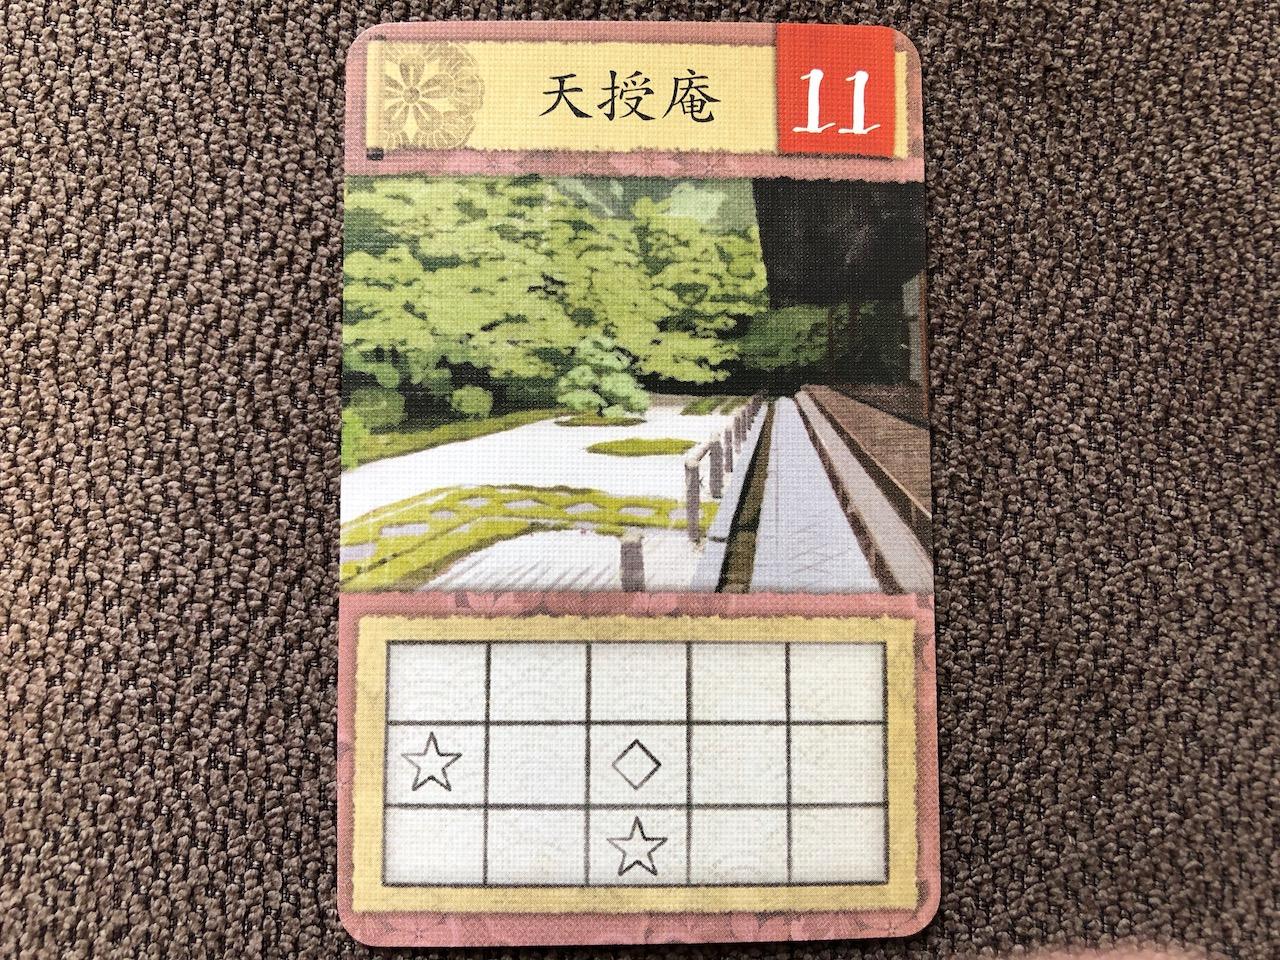 「天授庵」の名庭園カード(11点)